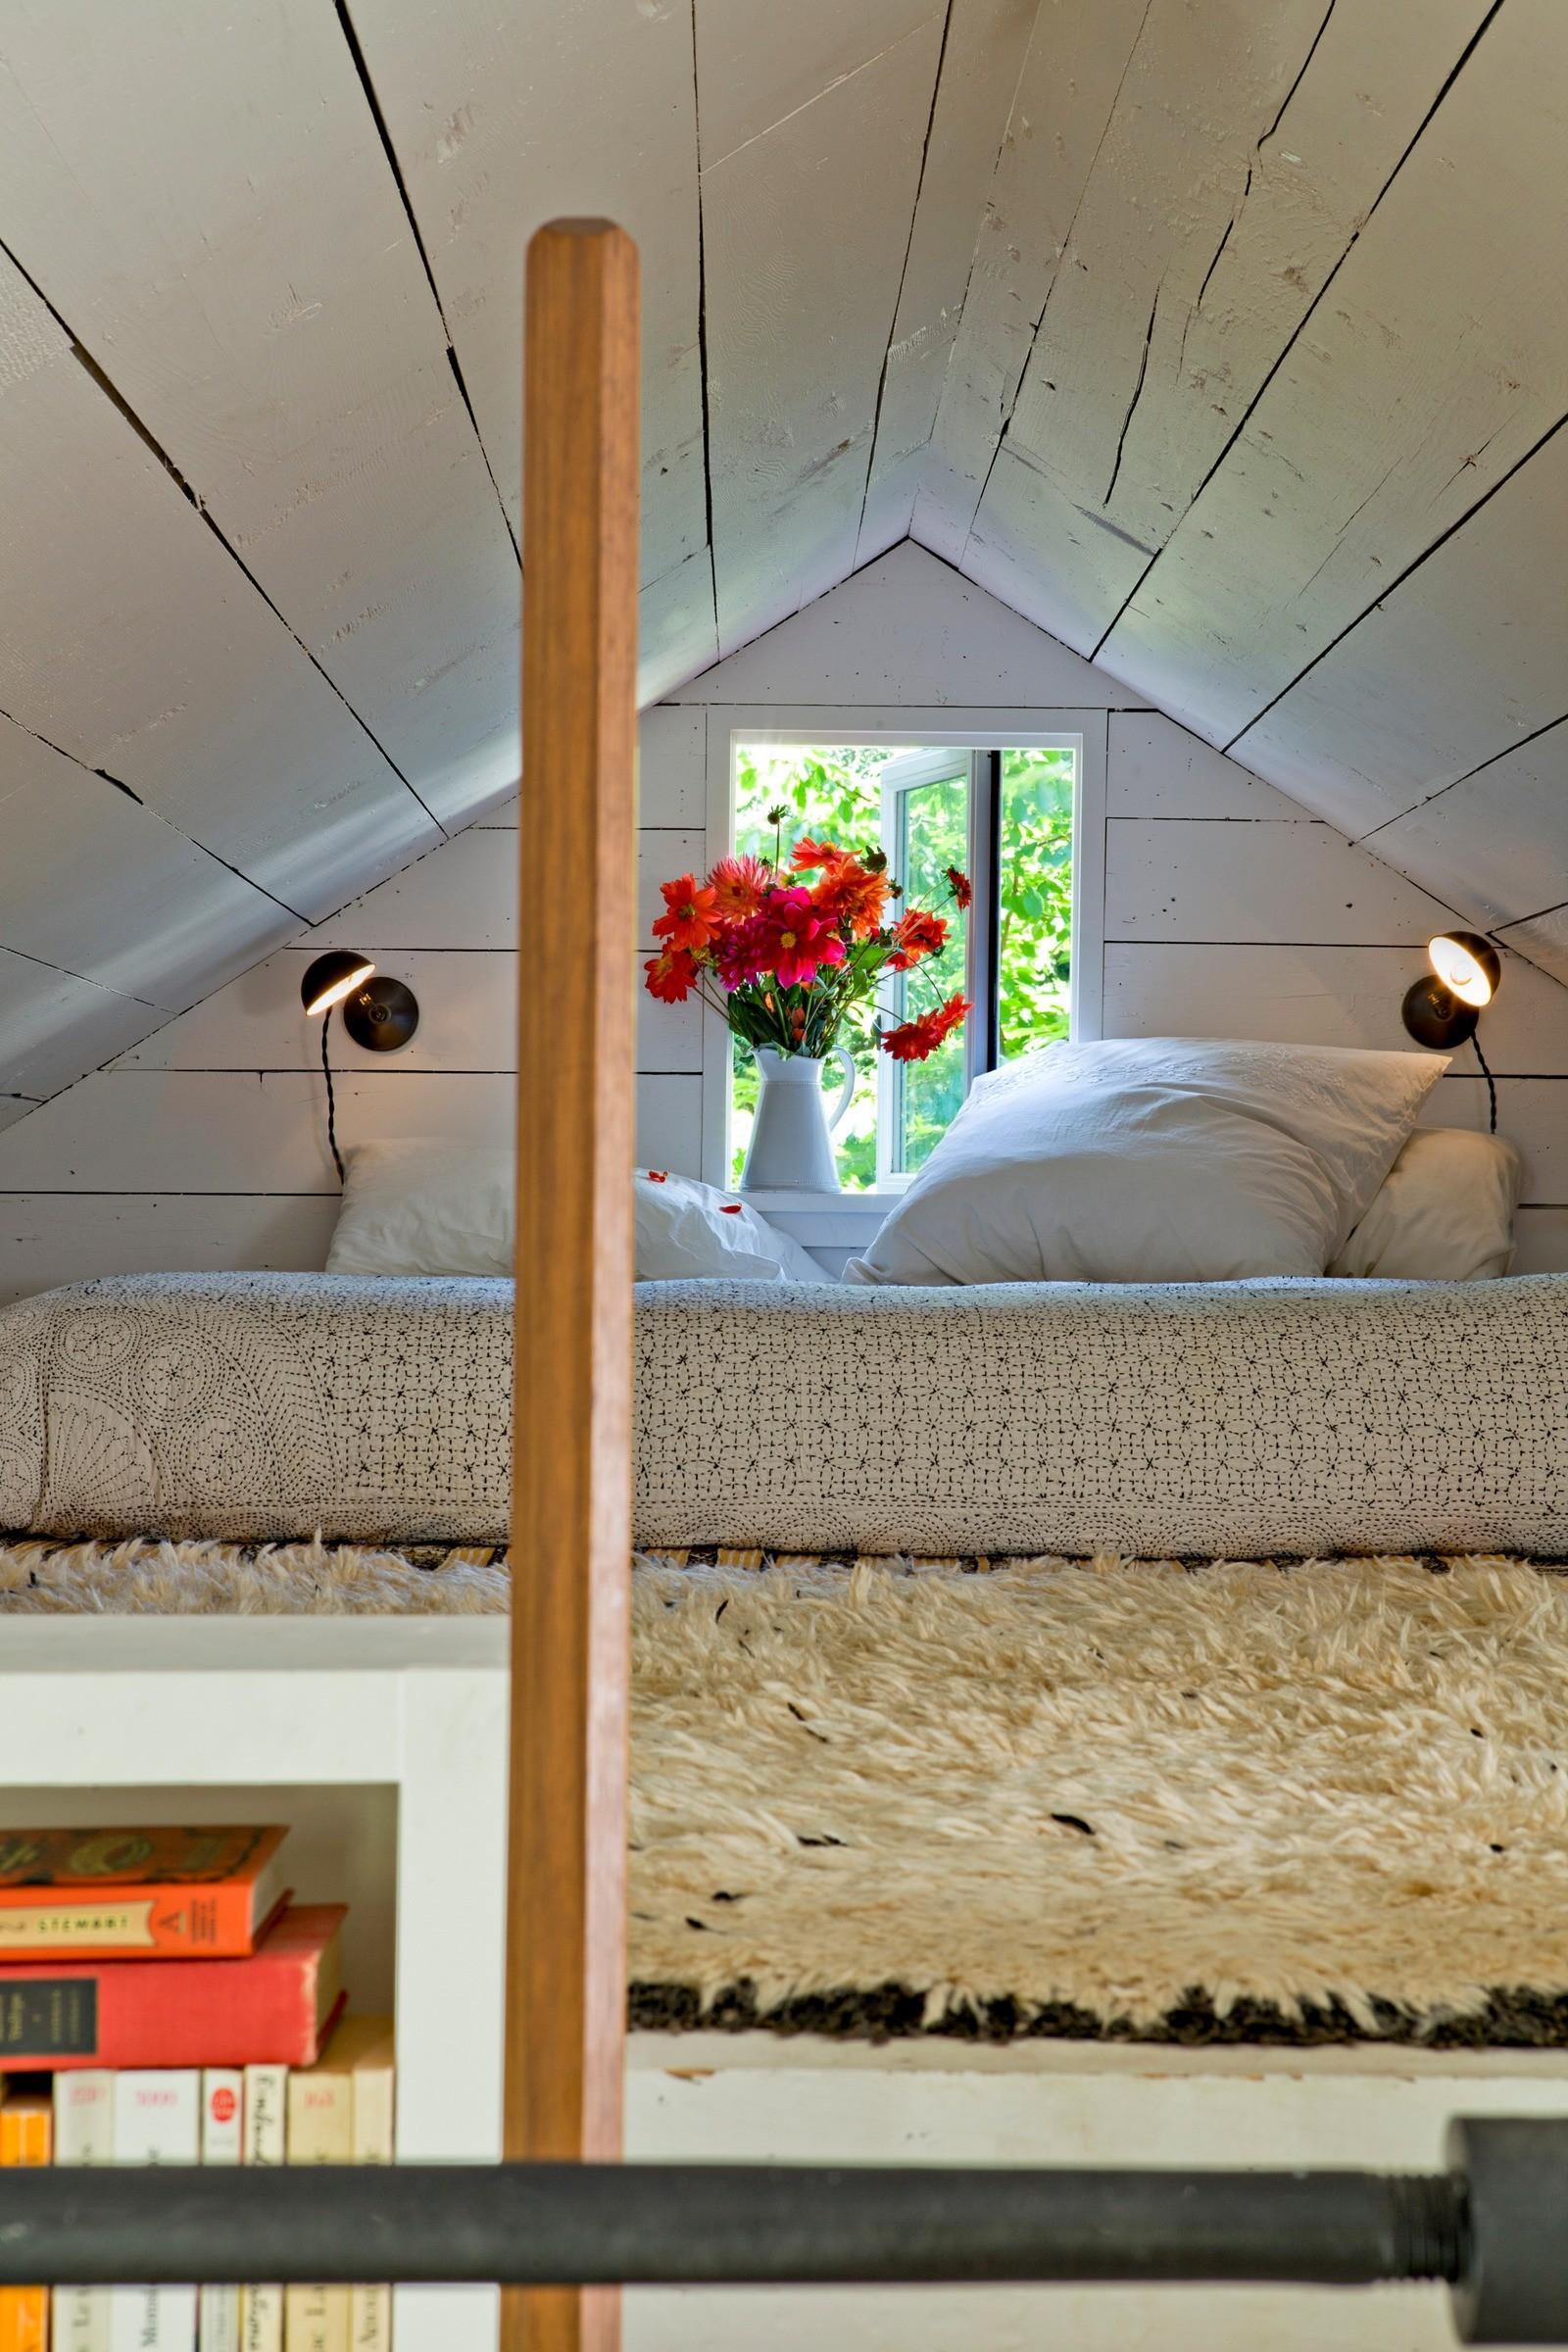 elternschlafzimmer auf dem tiny house dachboden dachboden shabbychic lincoln barbourjessica helgerson - Schlafzimmer Ideen Dachboden